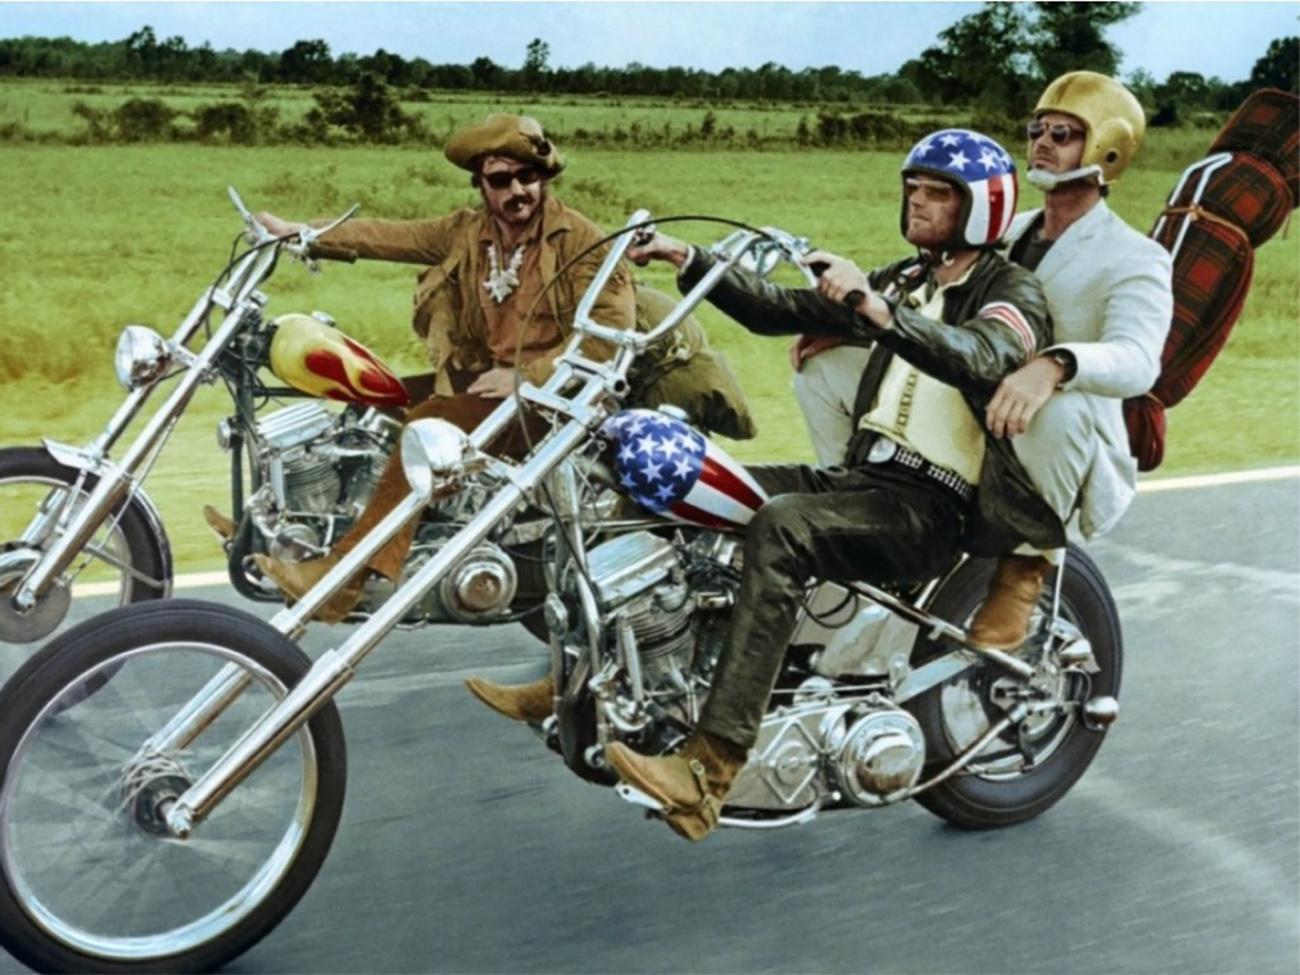 """Σε δημοπρασία η θρυλική Harley του """"Ξέγνοιαστου Καβαλάρη"""" – Είναι άραγε η πρωτότυπη;"""